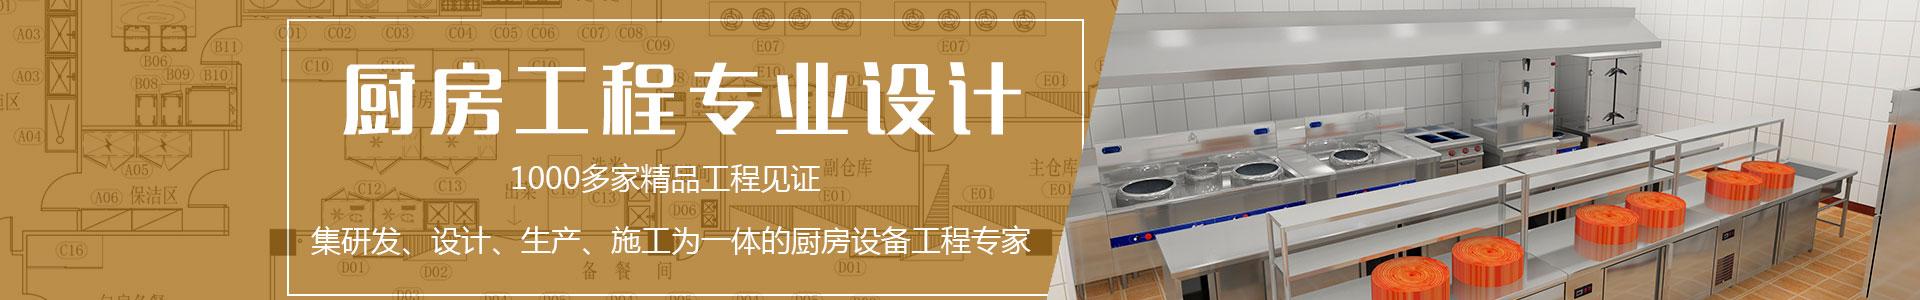 广州厨具公司